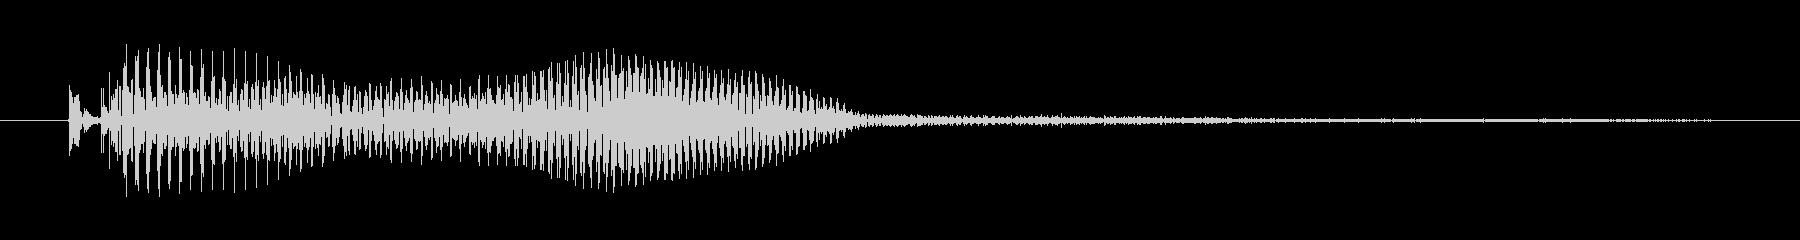 リトルレッドモンスター:Fの未再生の波形